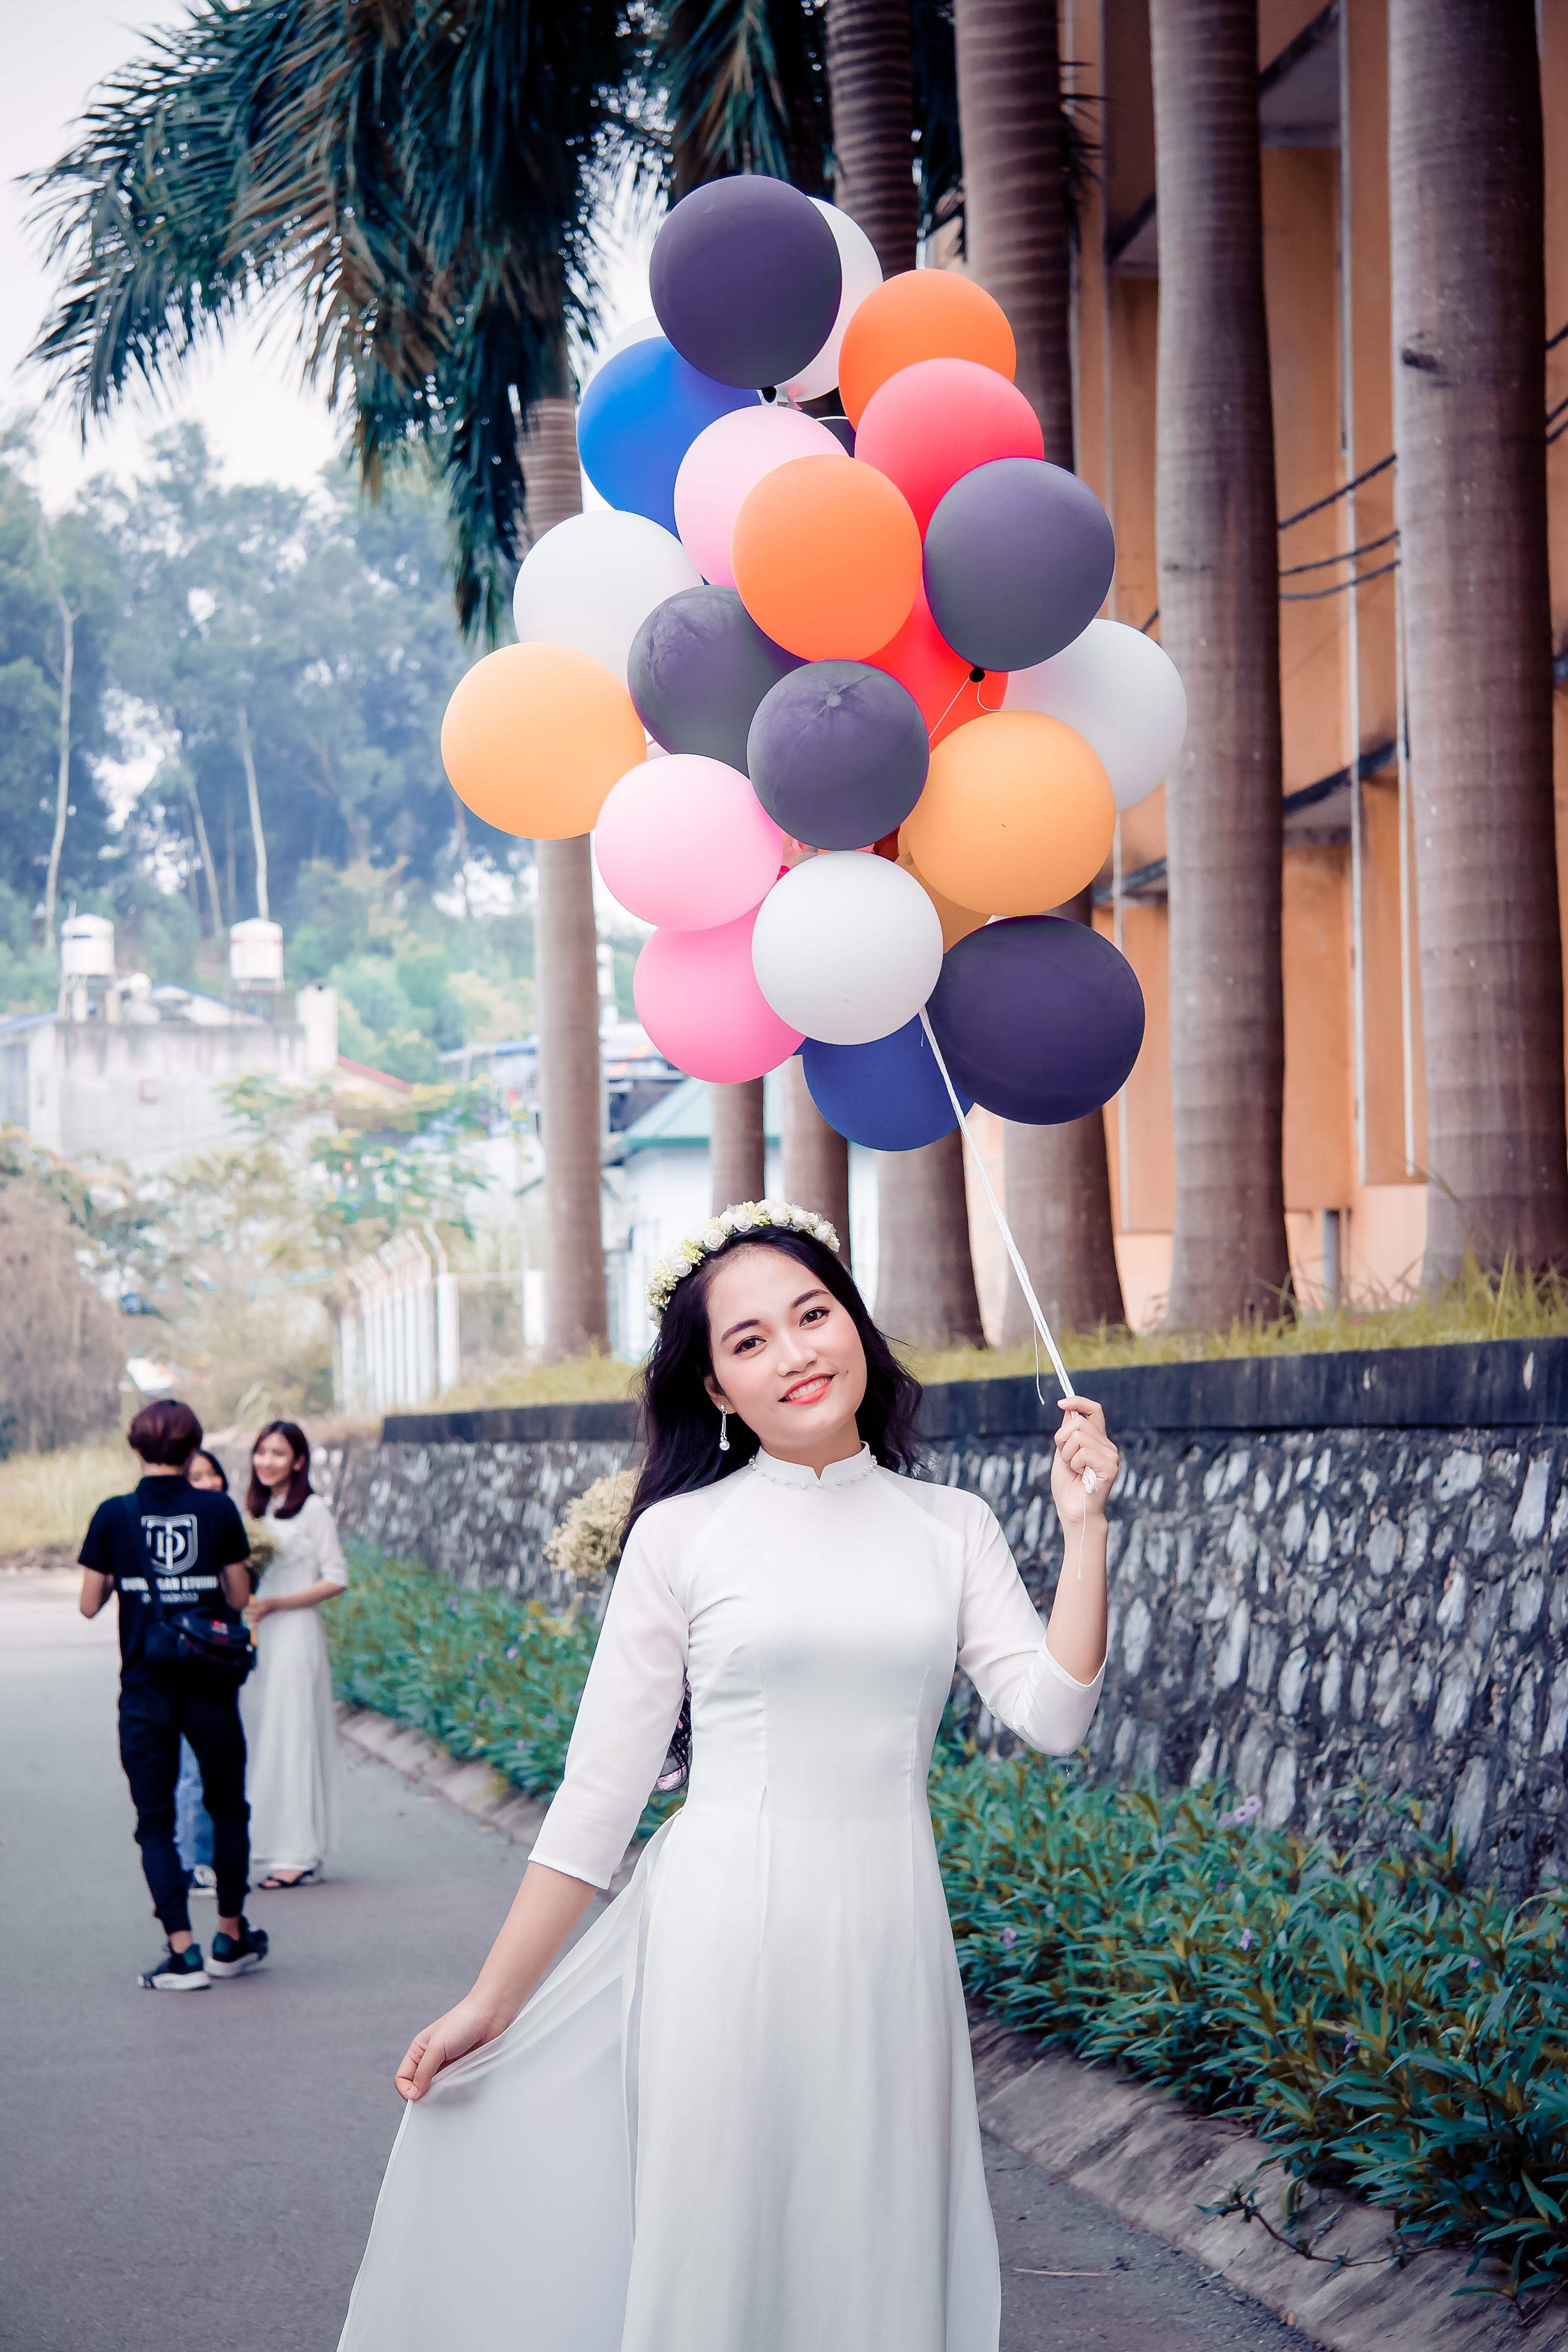 Gratis lagerfoto af asiatiske mennesker, balloner, dagslys, folk